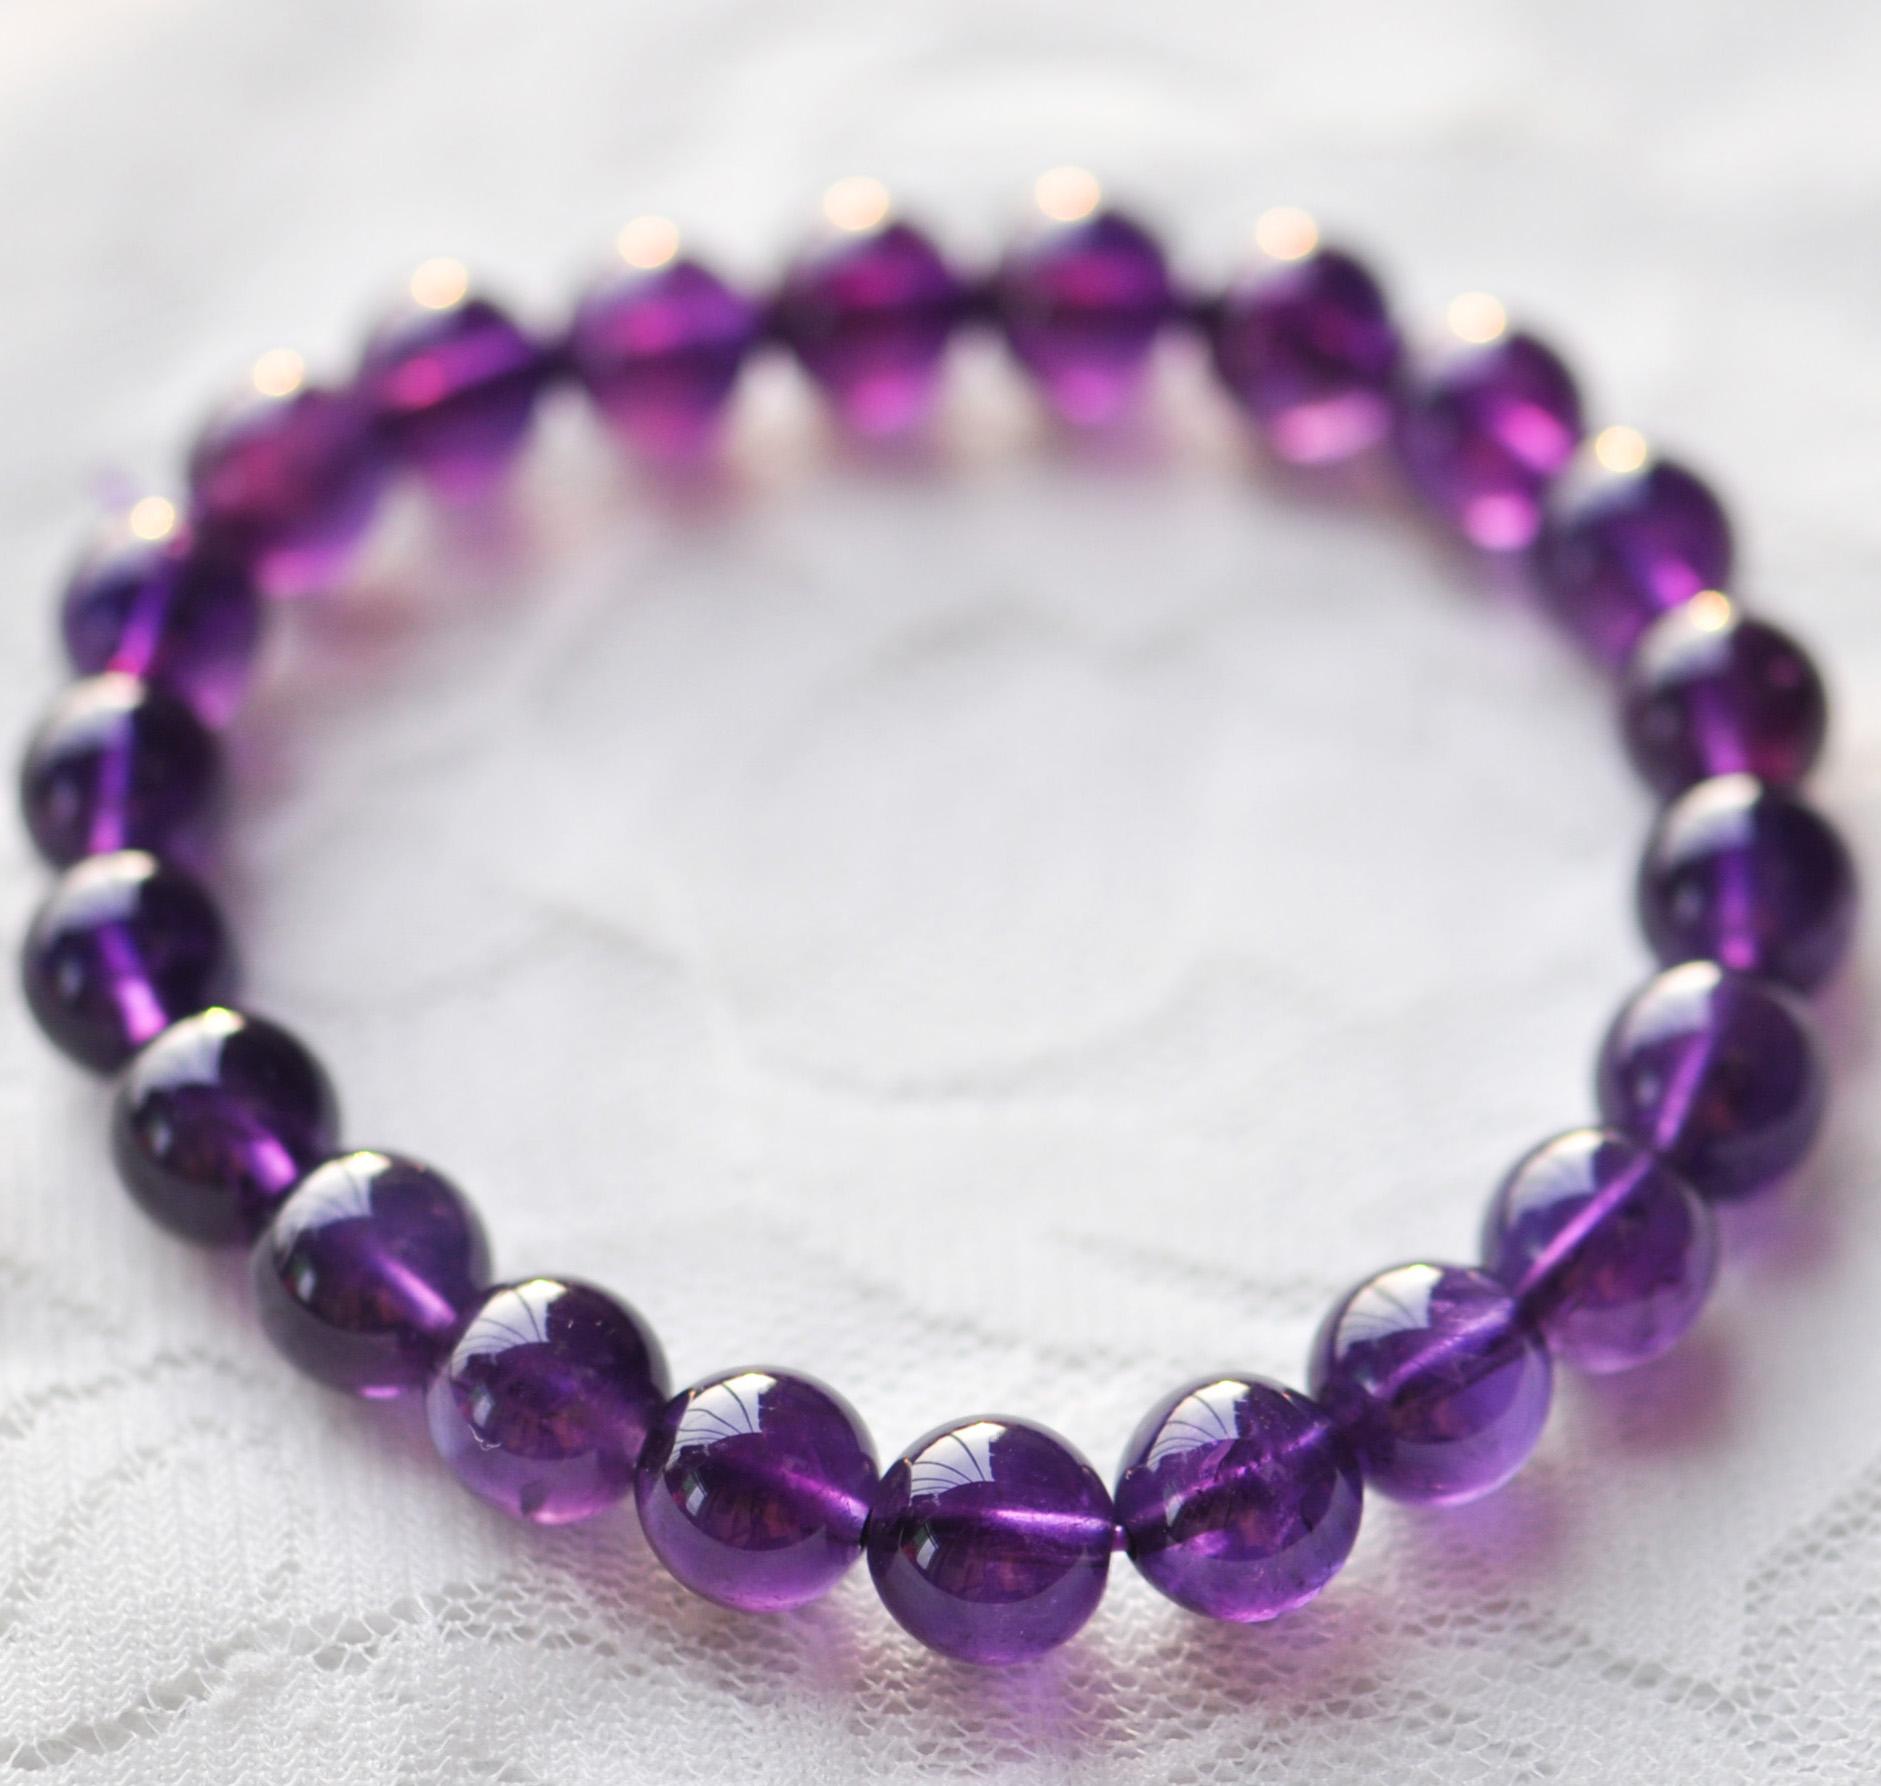 紫水晶手链 纯天然水晶 时尚女性紫晶手链 爱情守护石 旺爱情